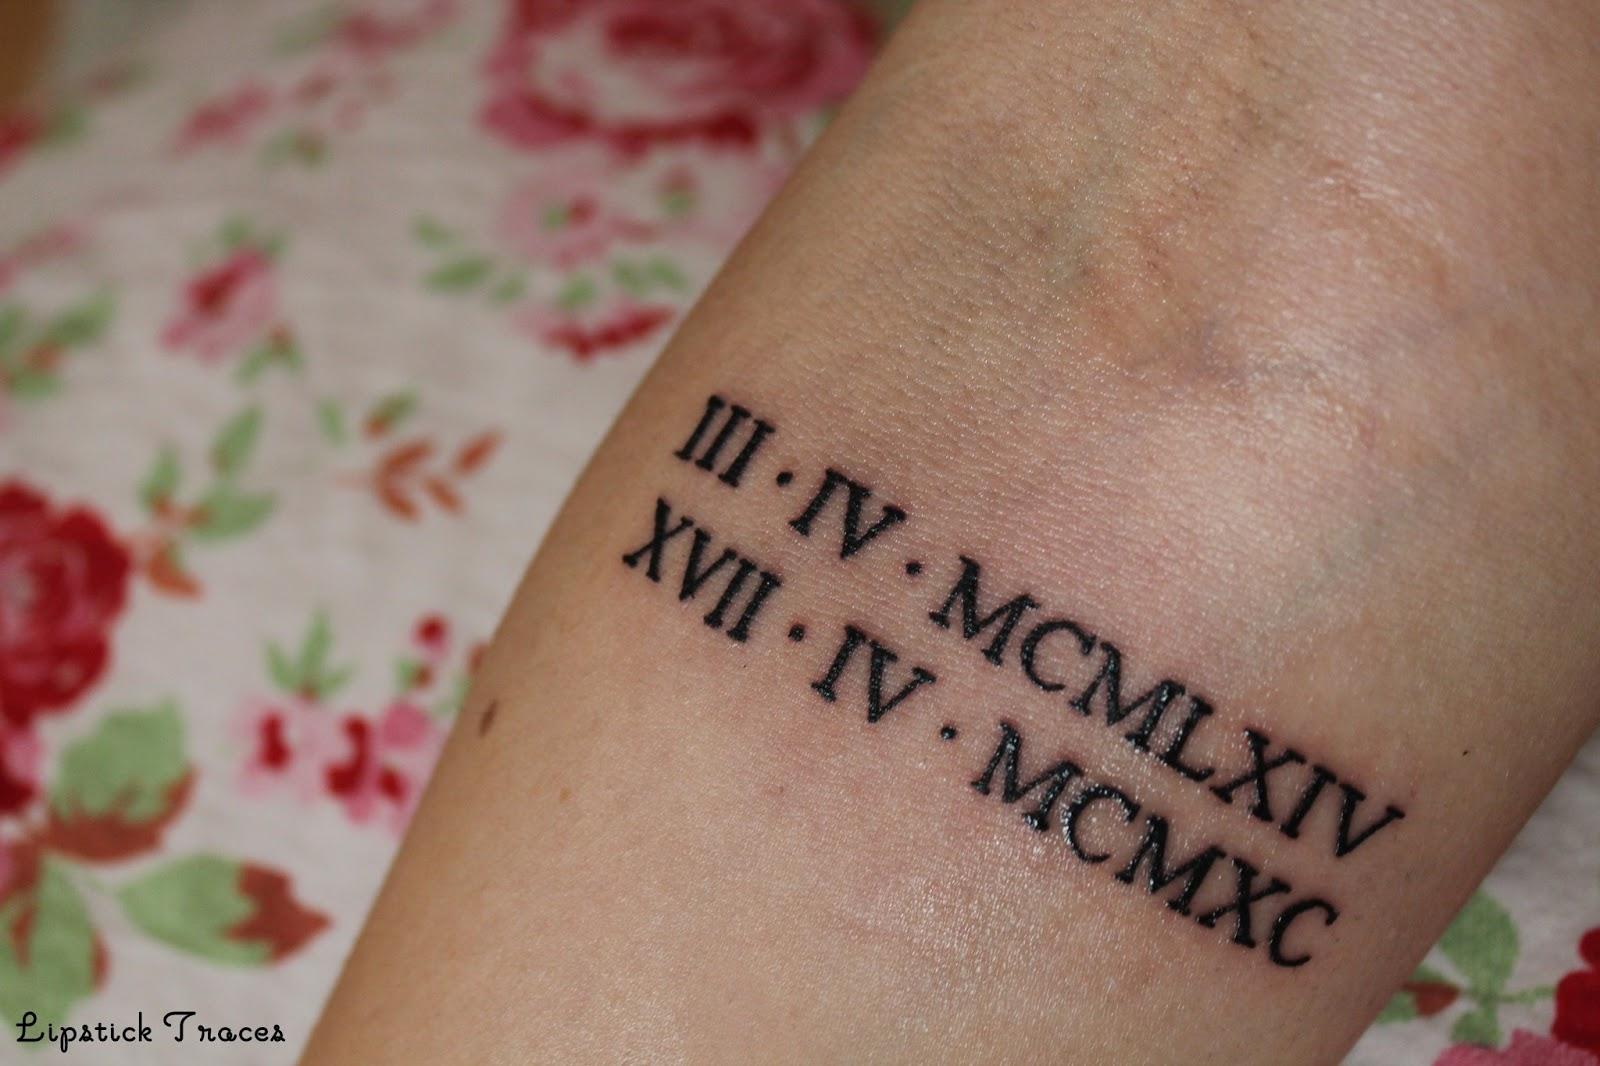 pin tattoo vorlagen quotsternzeichenquot on pinterest. Black Bedroom Furniture Sets. Home Design Ideas